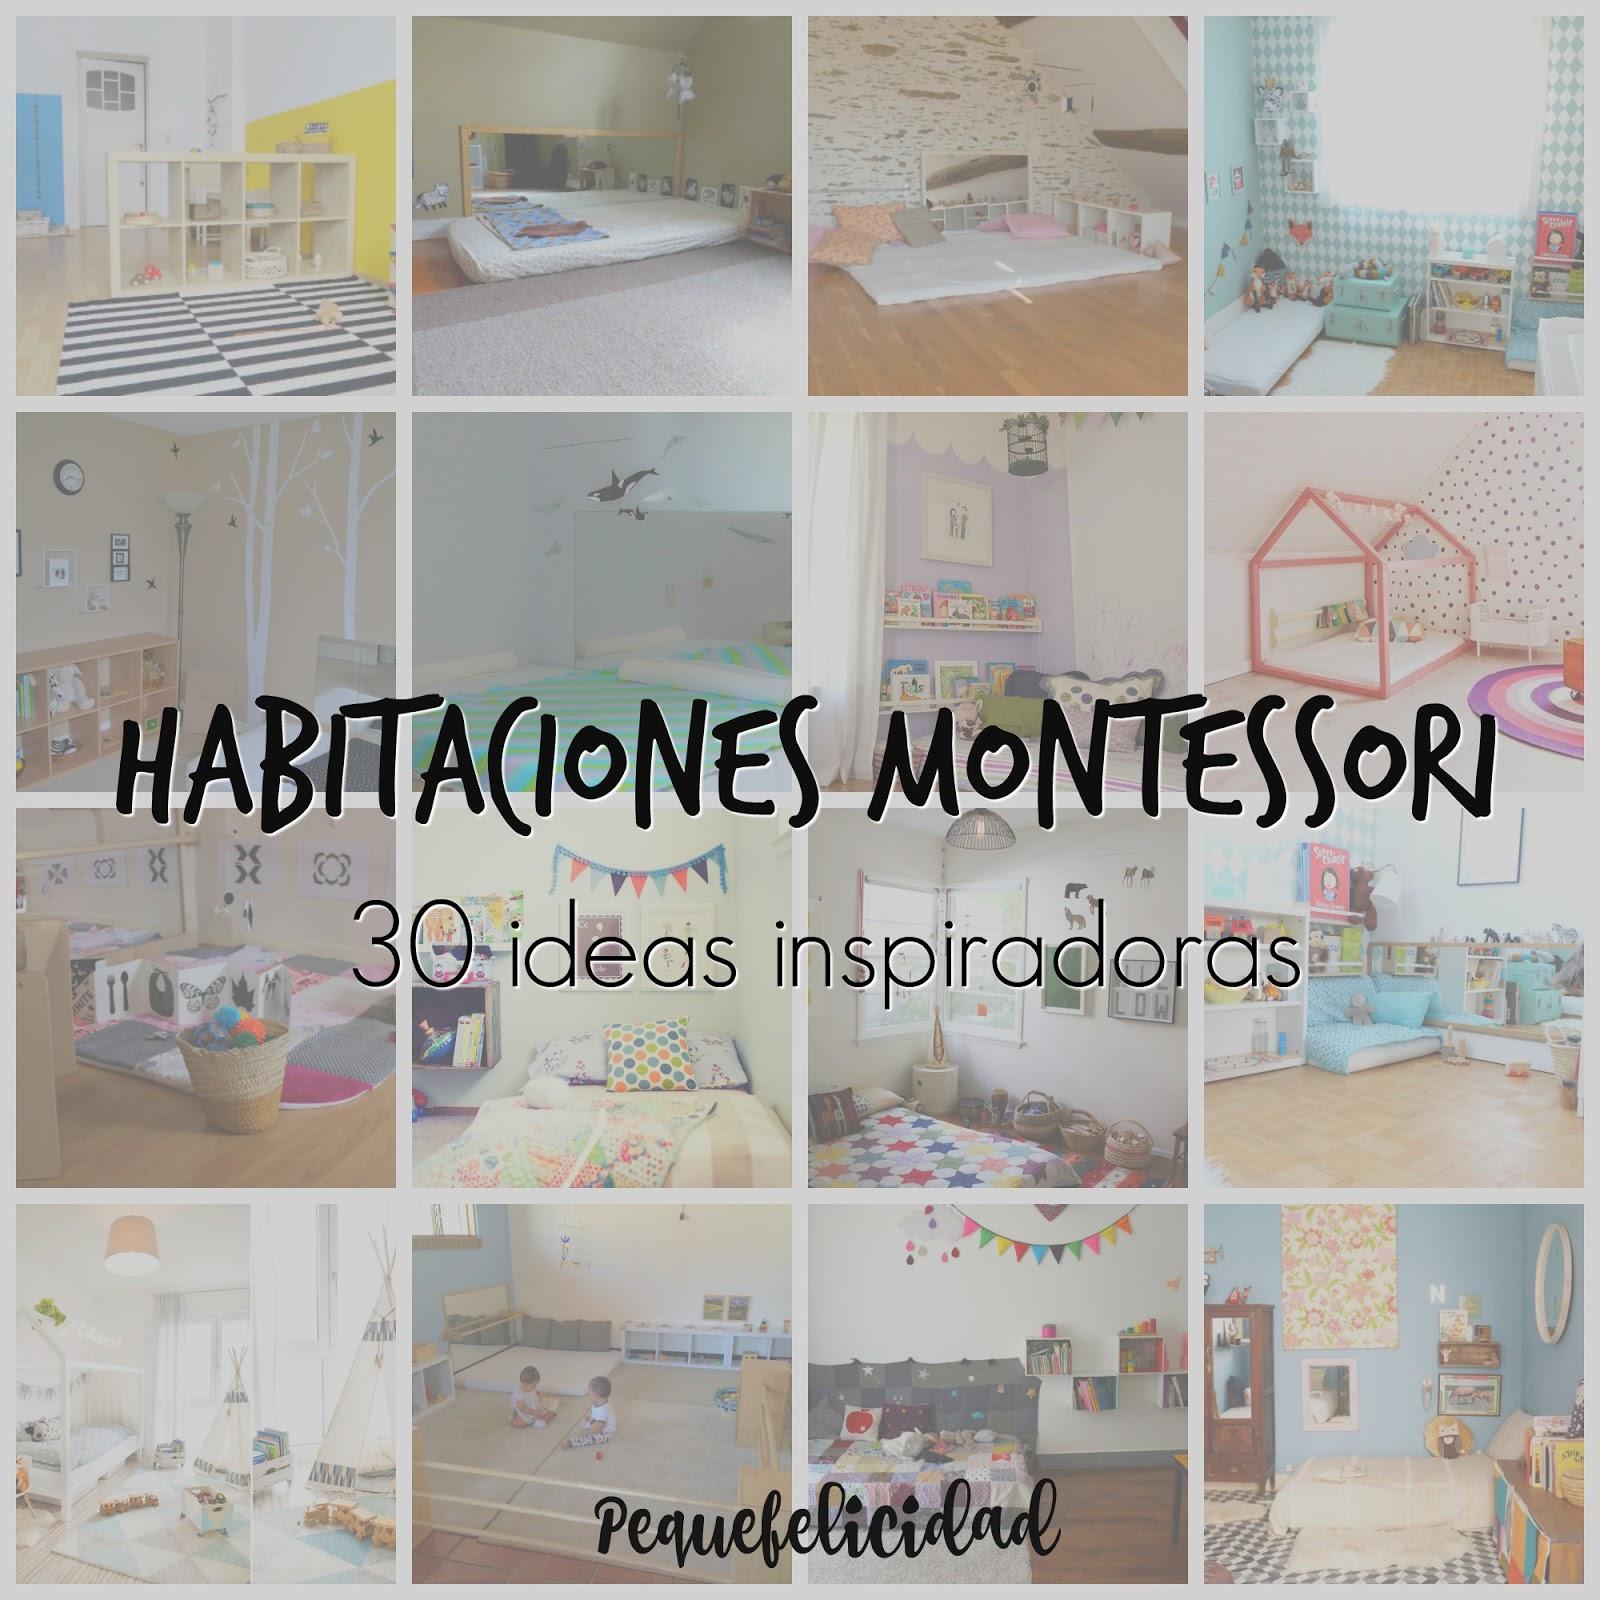 Pequefelicidad habitaciones montessori 30 ideas inspiradoras - Habitacion nina 2 anos ...